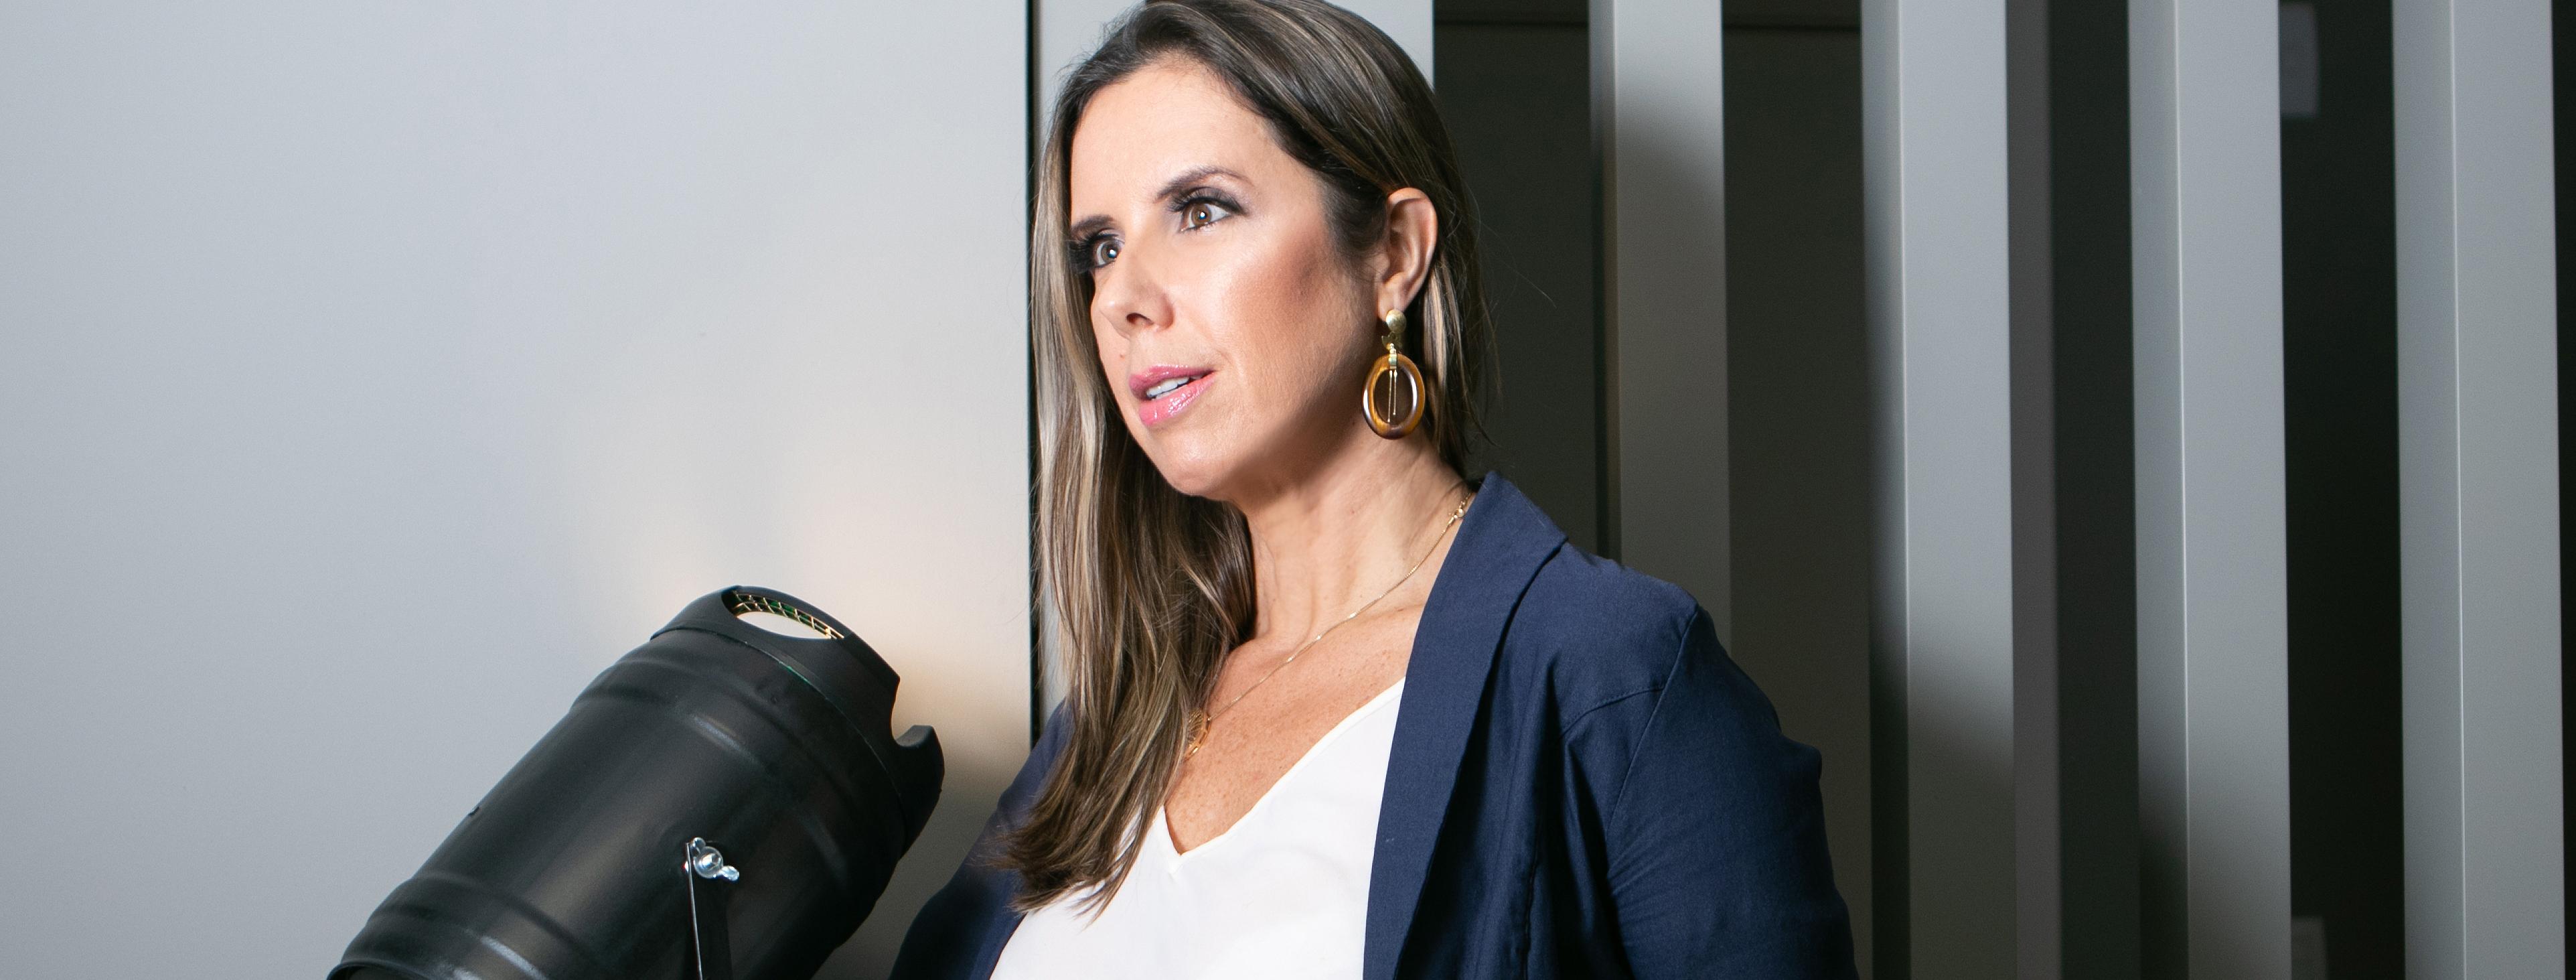 Sobre www.rutefotografa.com.br